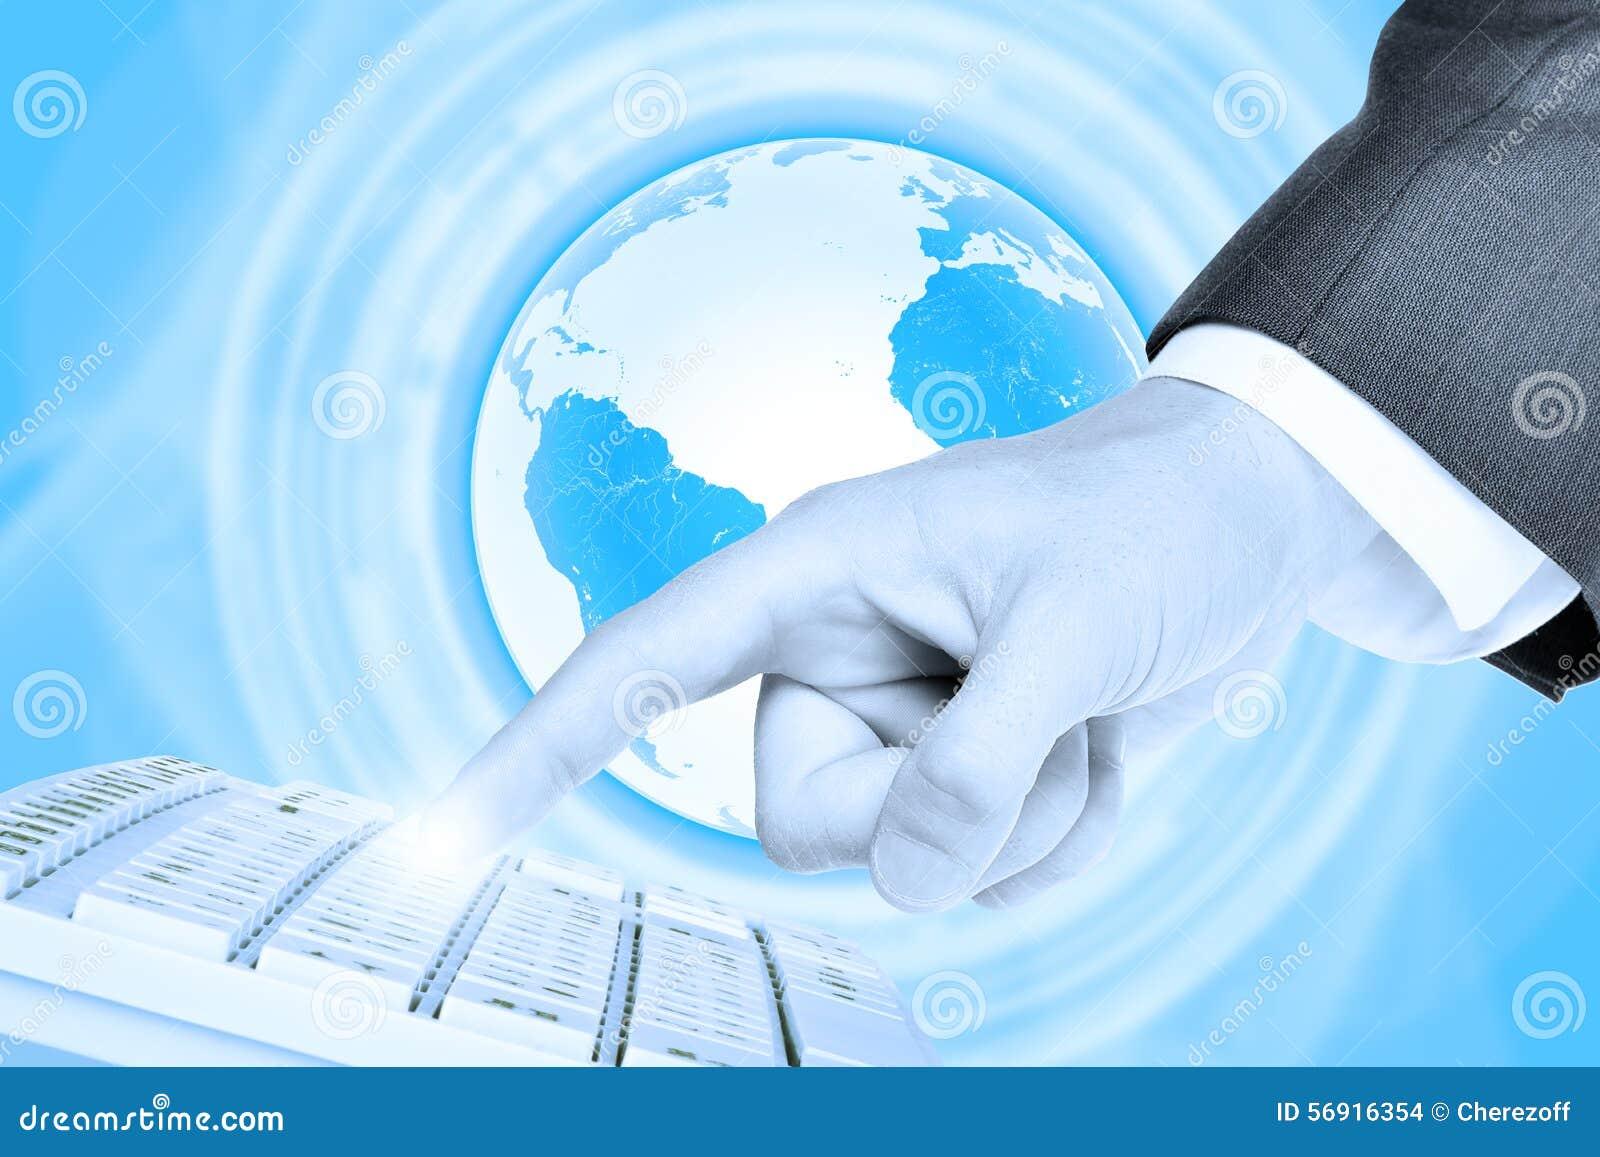 Δάχτυλο Businessmans σχετικά με το πληκτρολόγιο